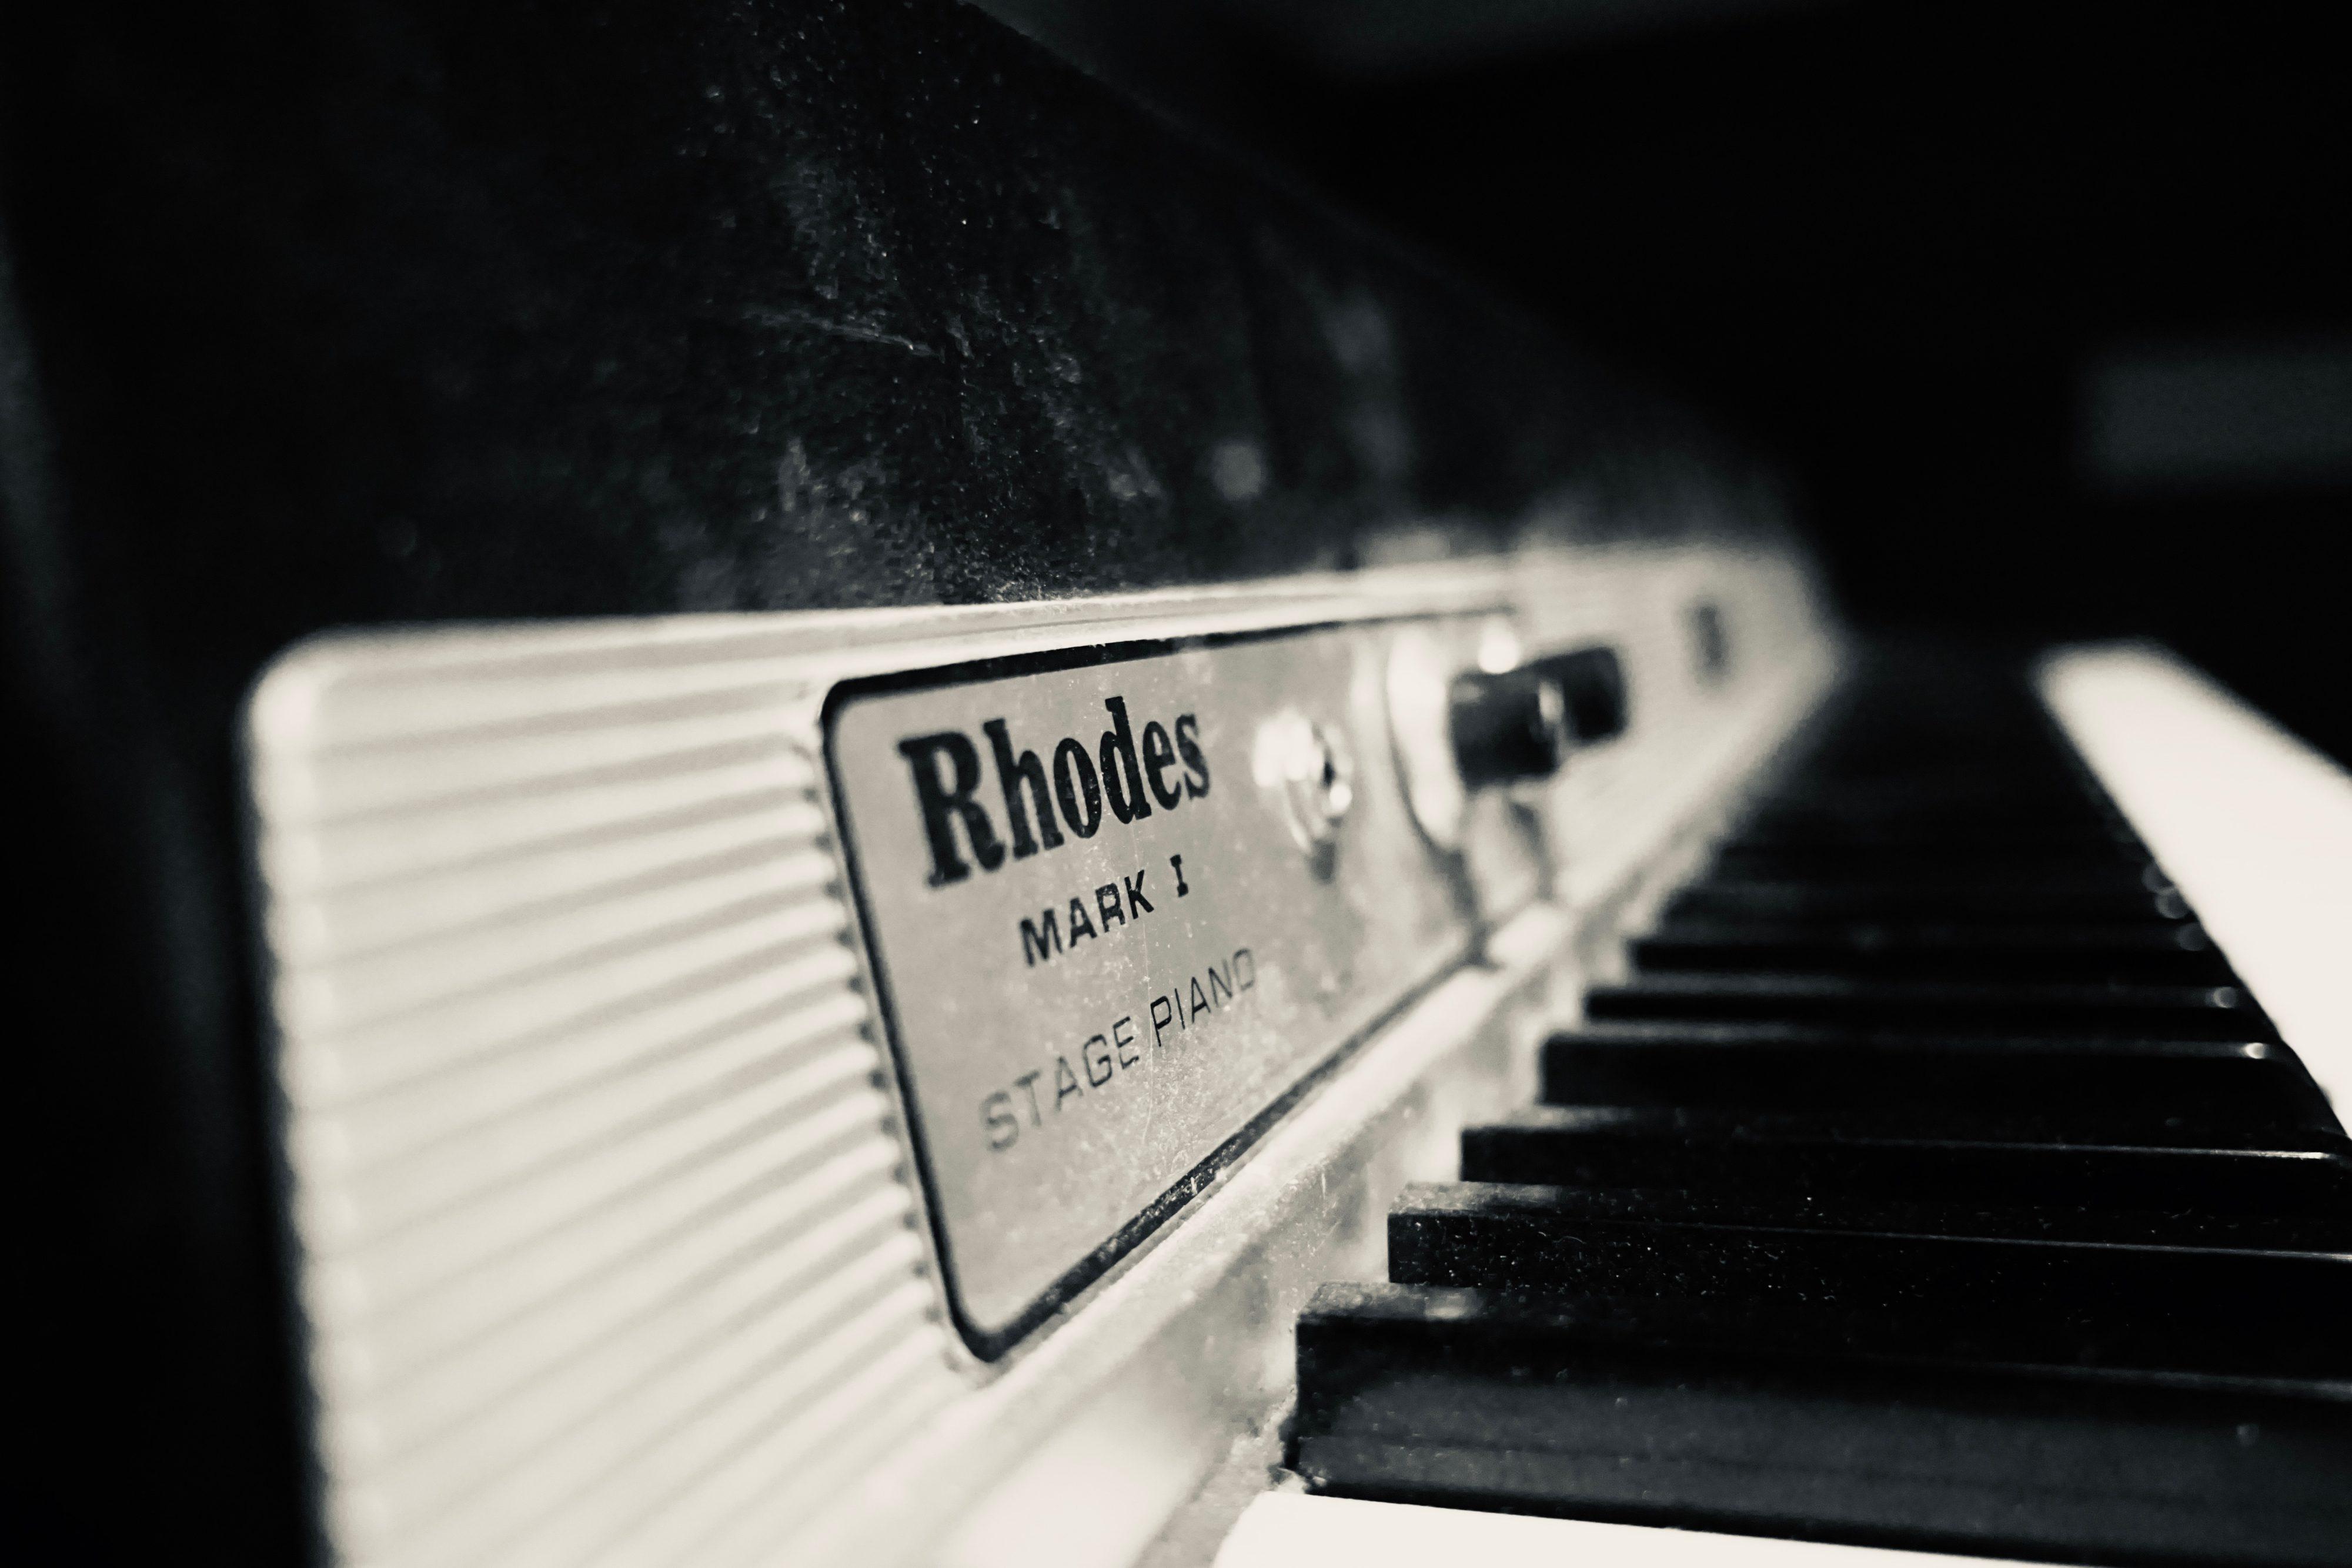 Fender Rhodes Klaviertasten Dinnerjazz Loungemusic Trio Lautsprache